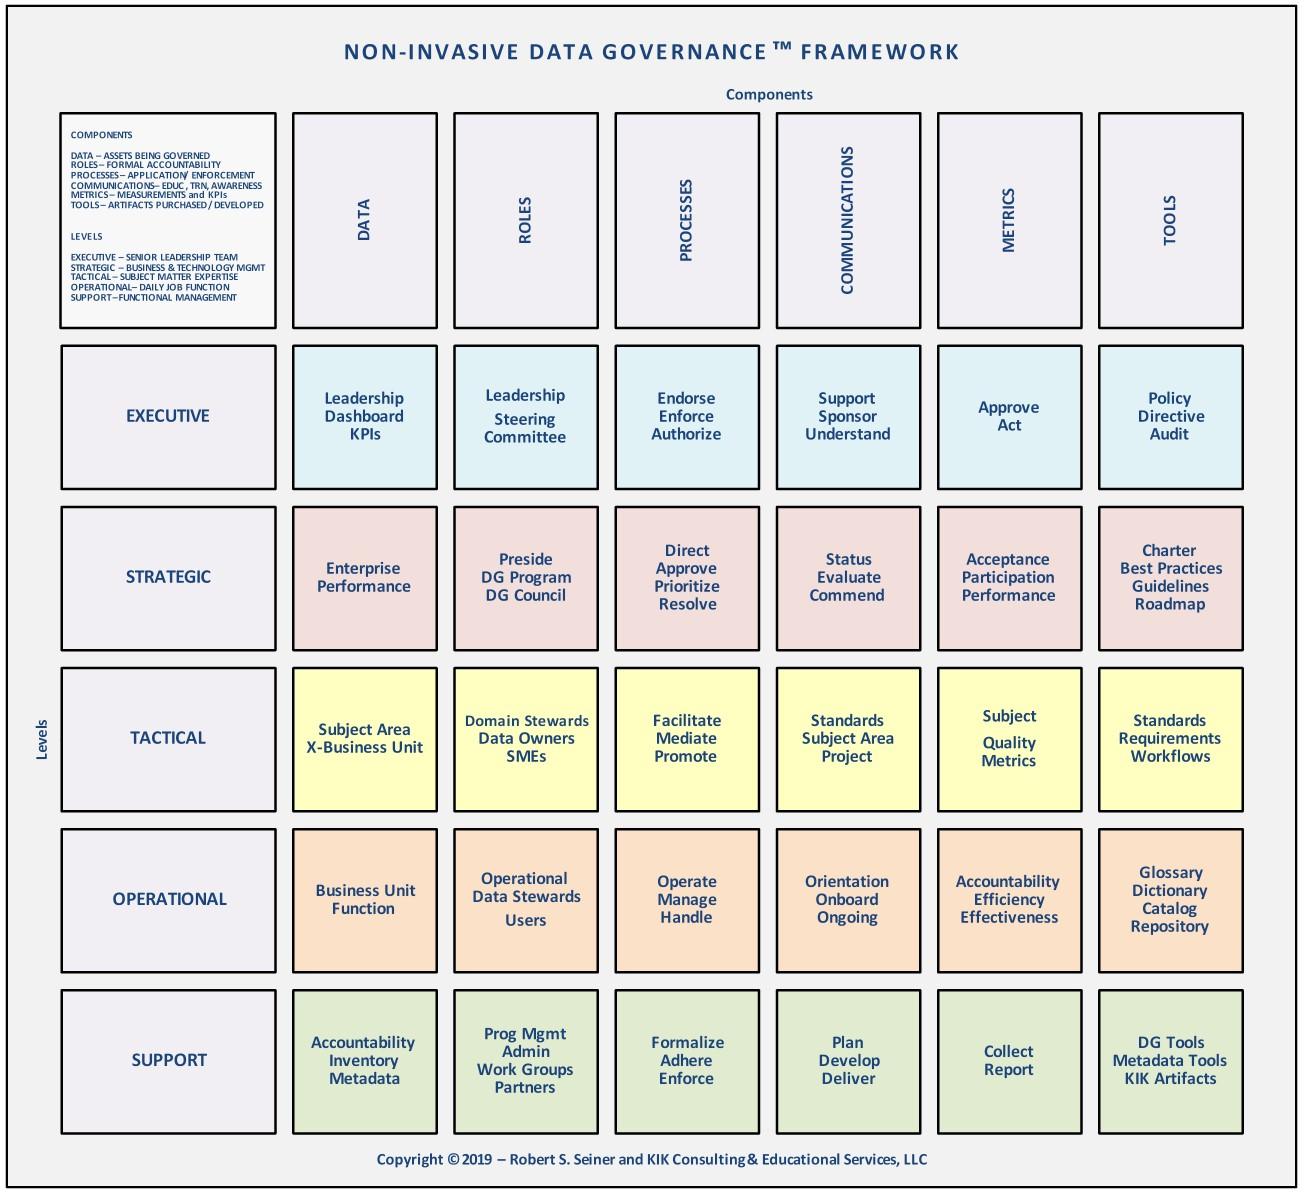 framework full